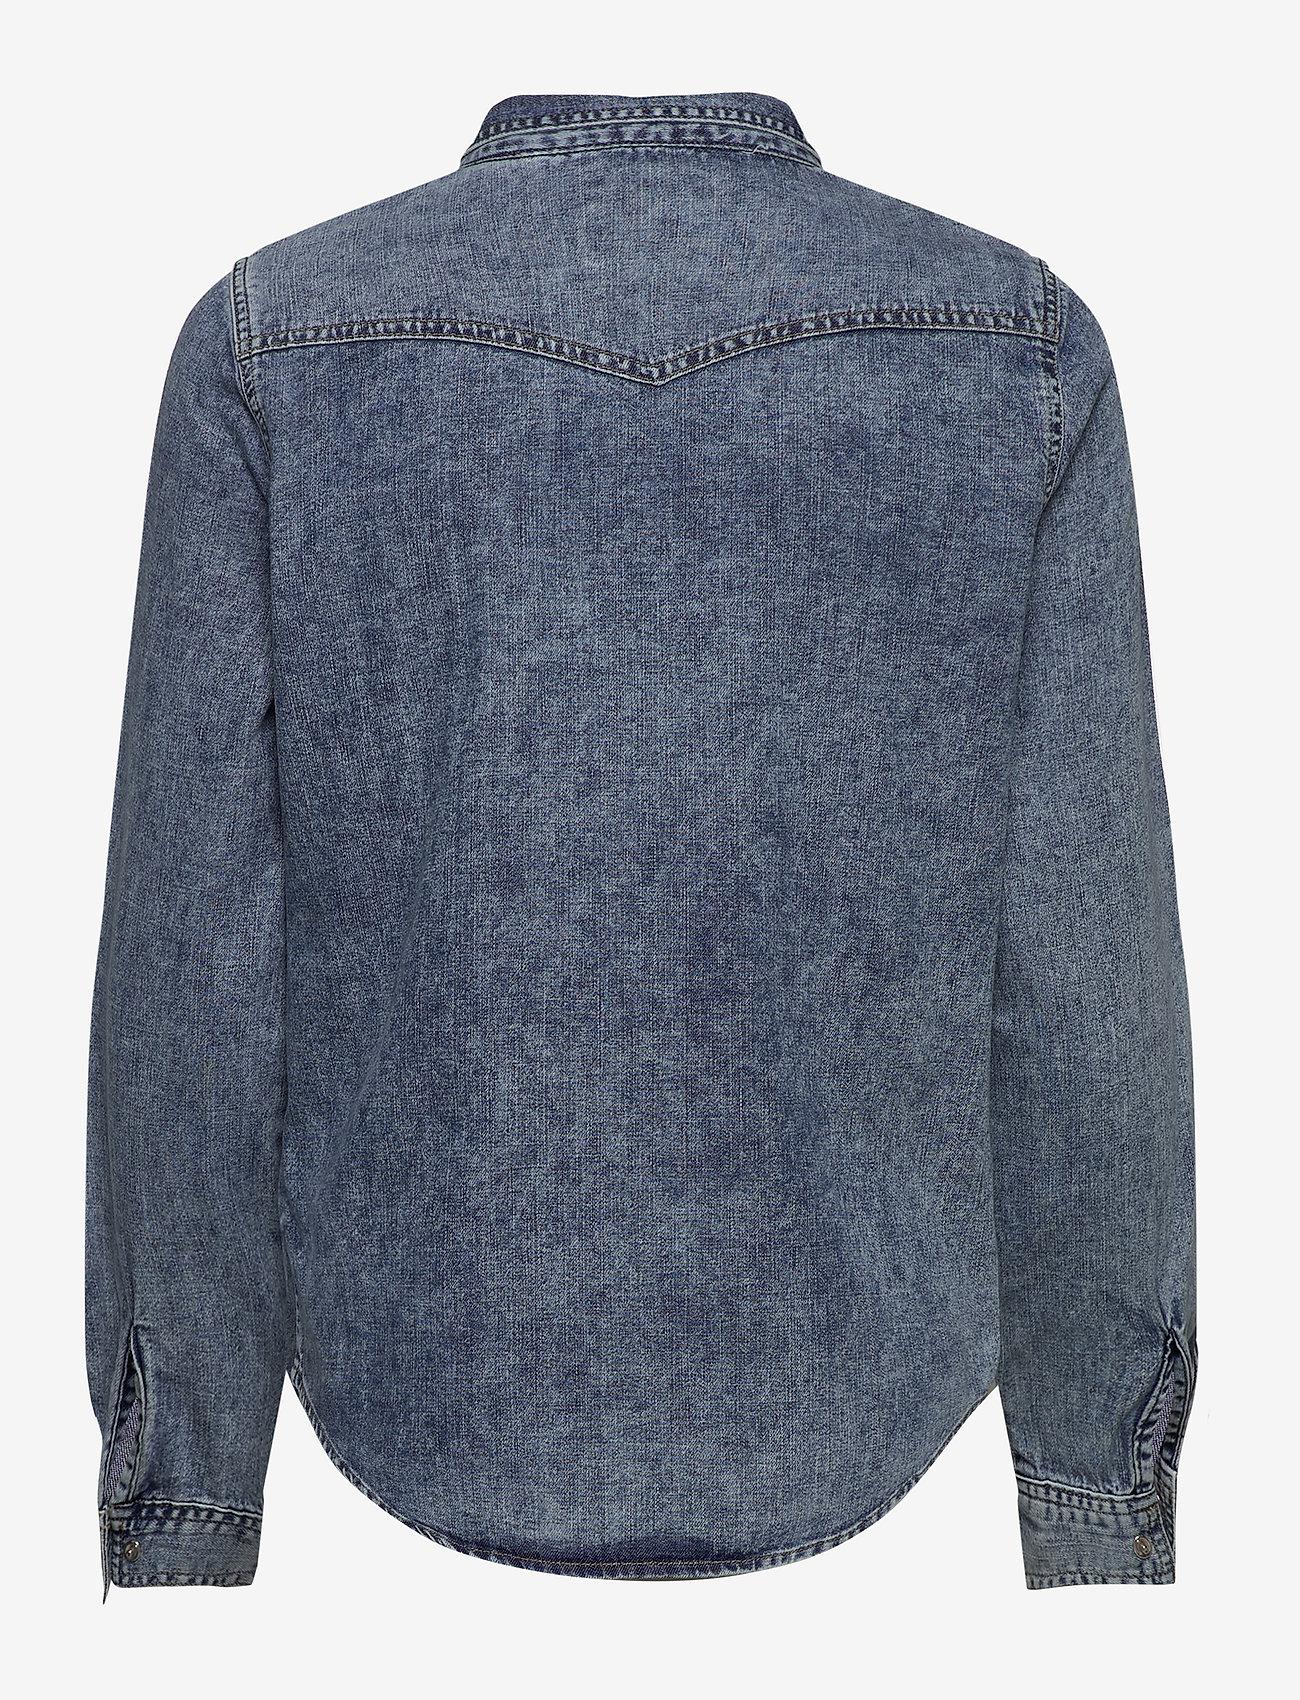 Superdry - WESTERN DENIM SHIRT - jeansblouses - acid blue - 1